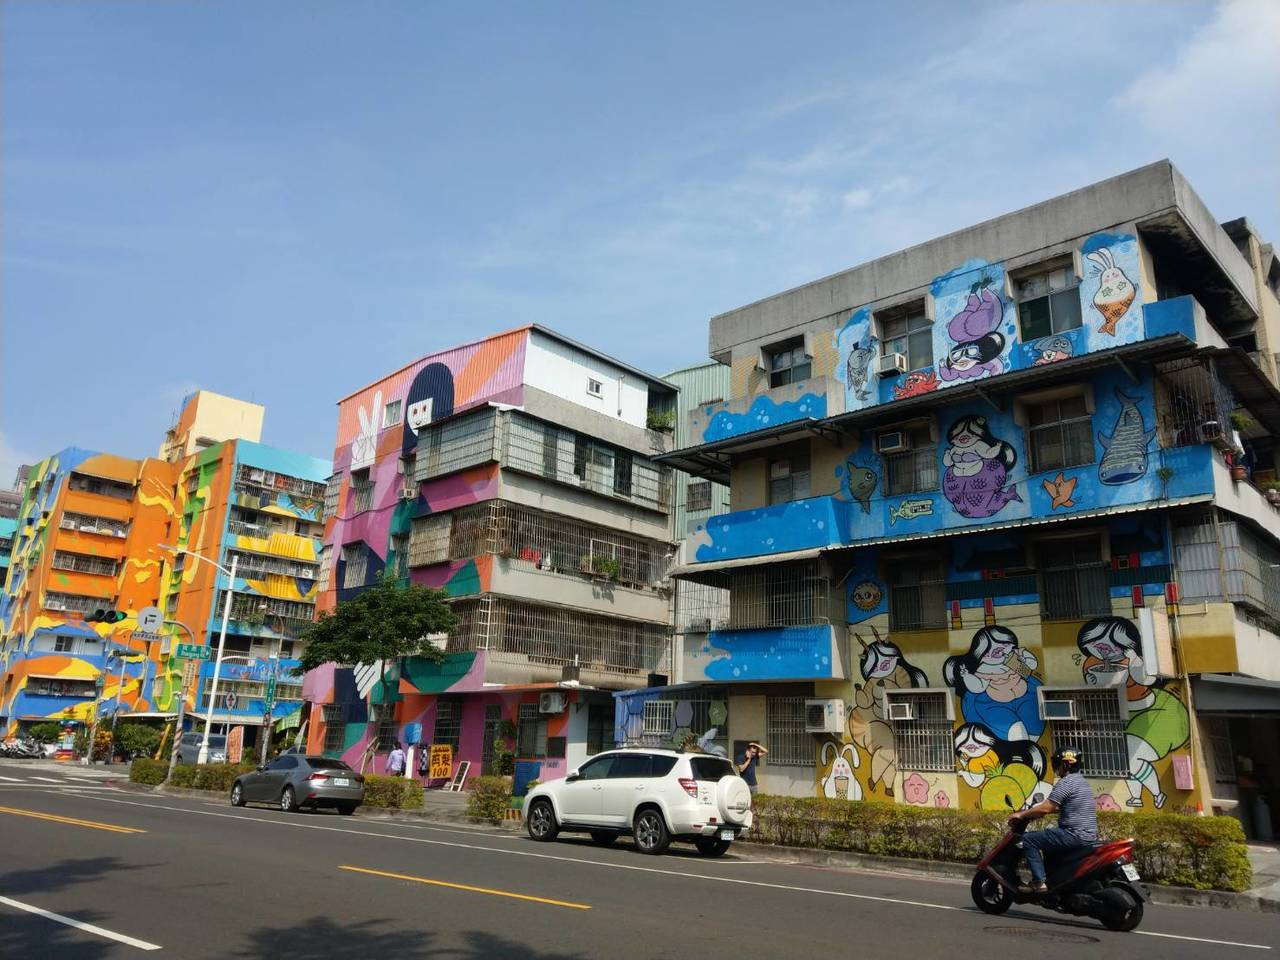 衛武營彩繪村目前已有60多幅壁畫集中在建軍路、行禮街與尚勇路上。記者謝梅芬/攝影